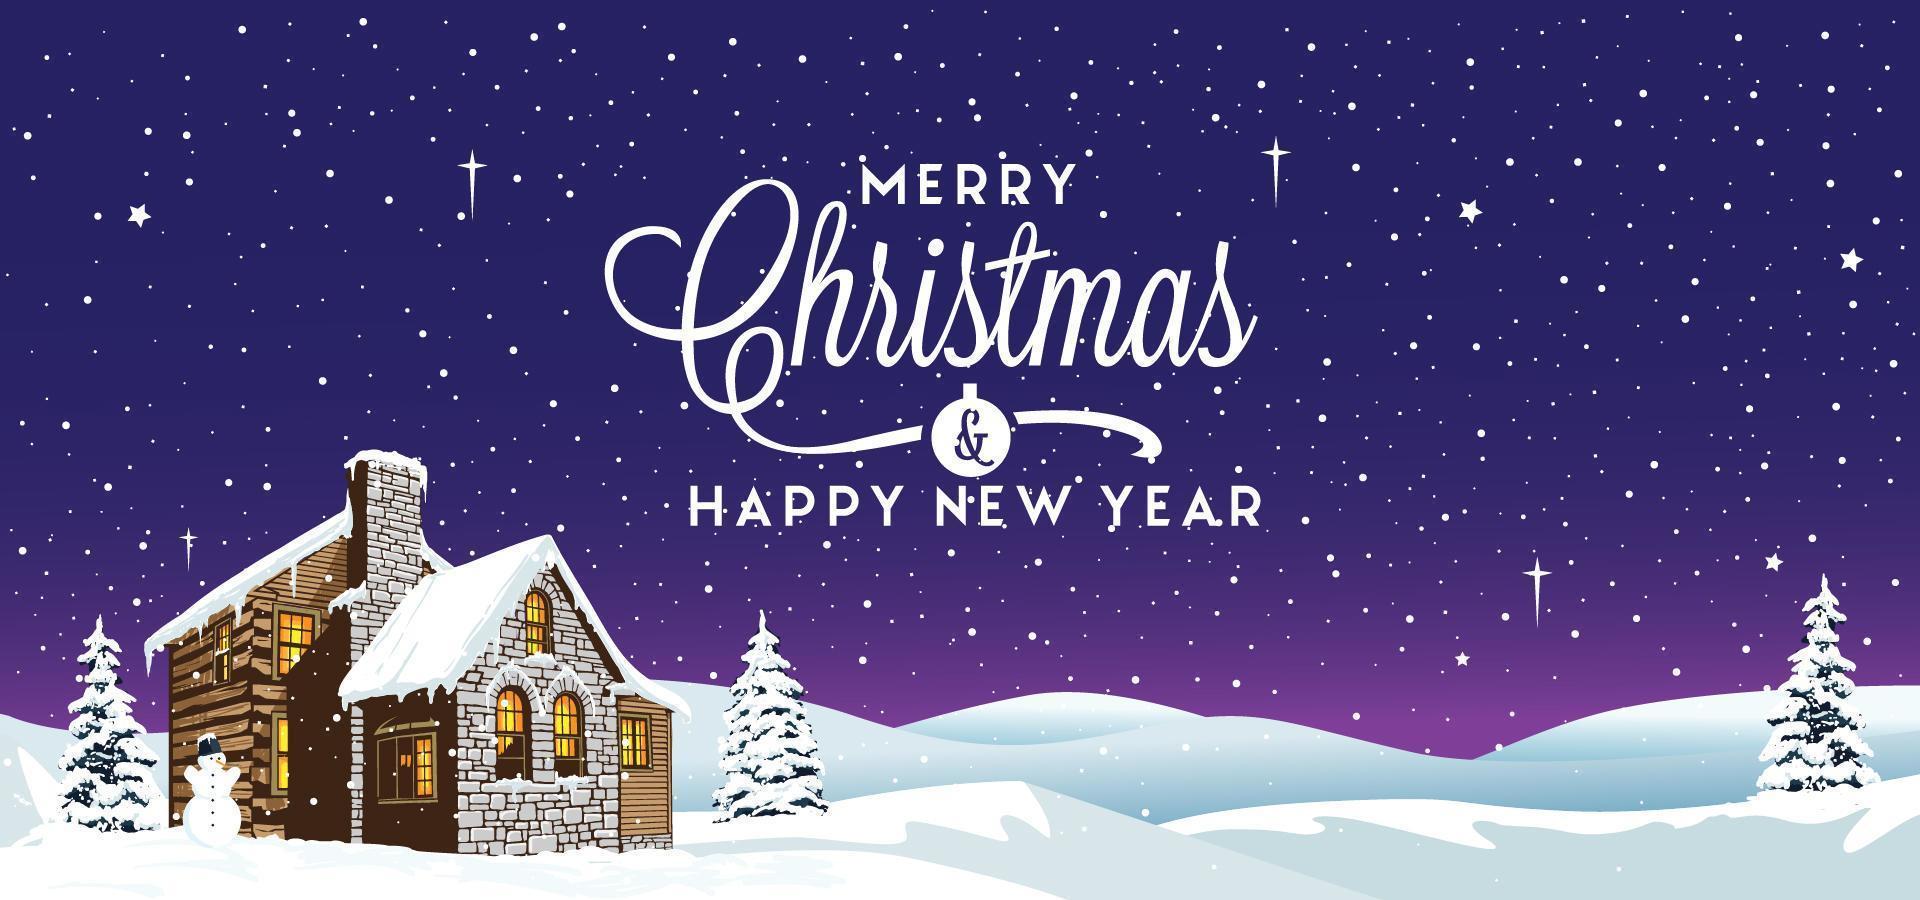 Weihnachtswinterlandschaft mit Haus vektor